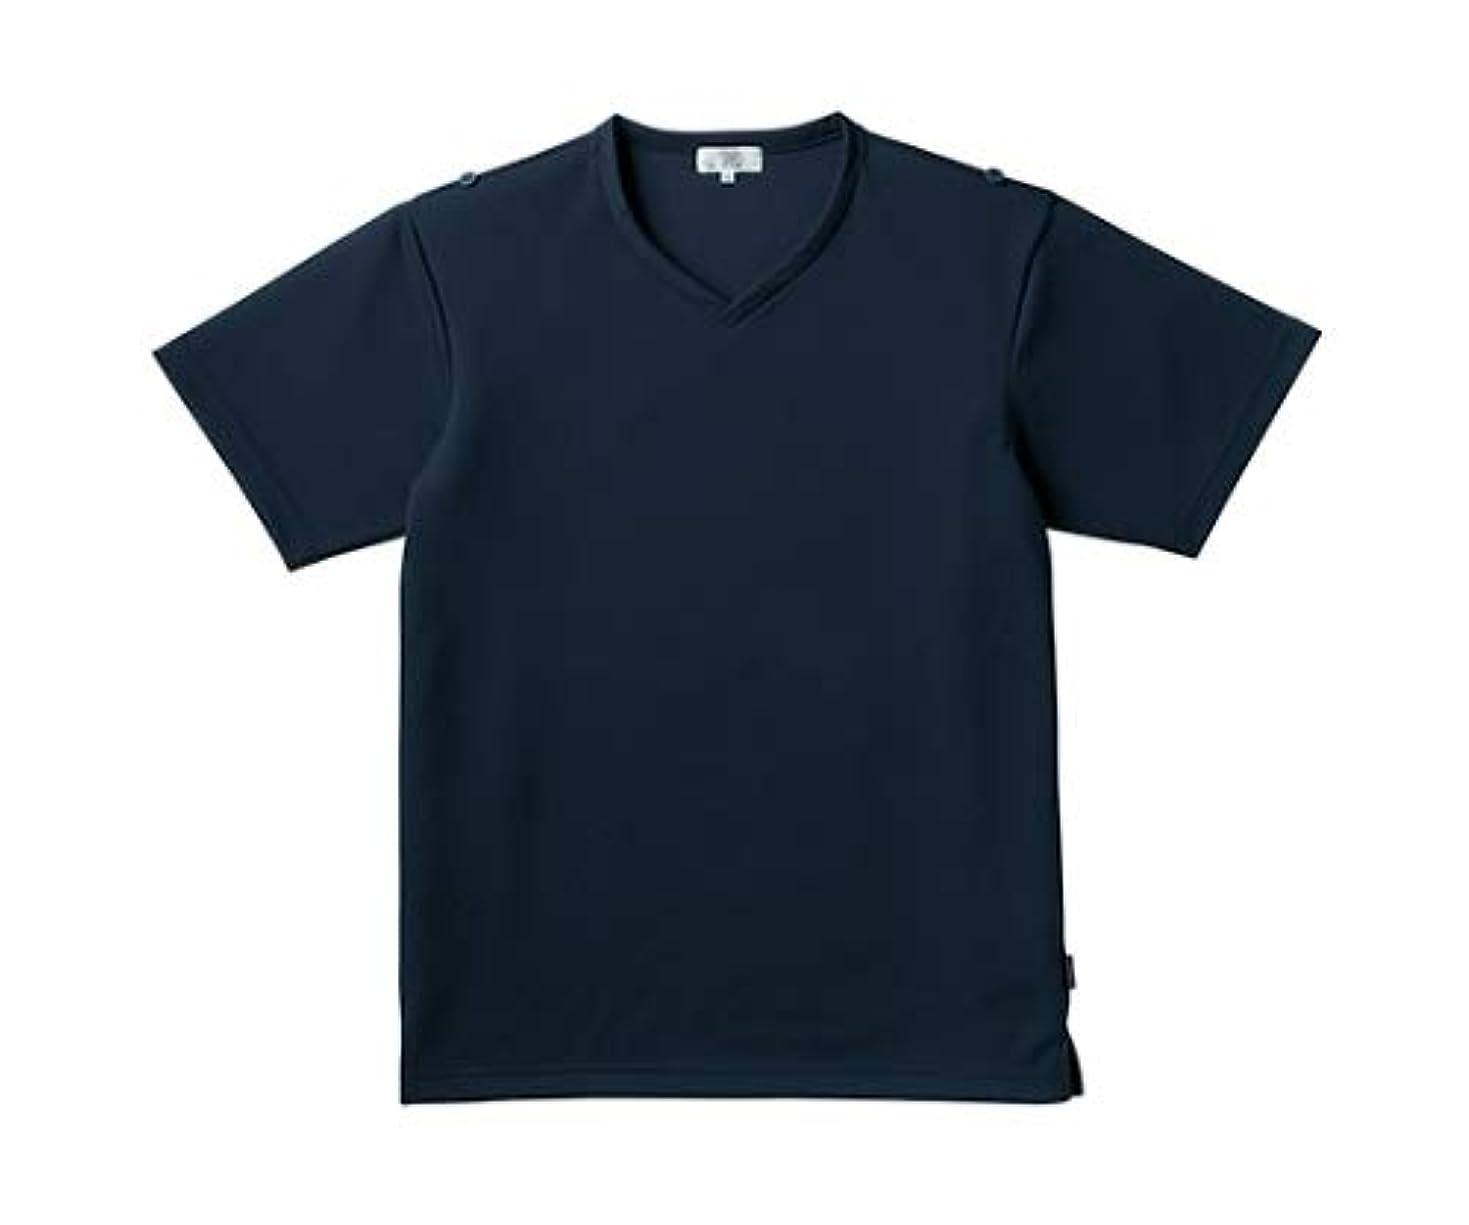 ピルアルカトラズ島七時半トンボ/KIRAKU 入浴介助用シャツ CR160 S ネイビー